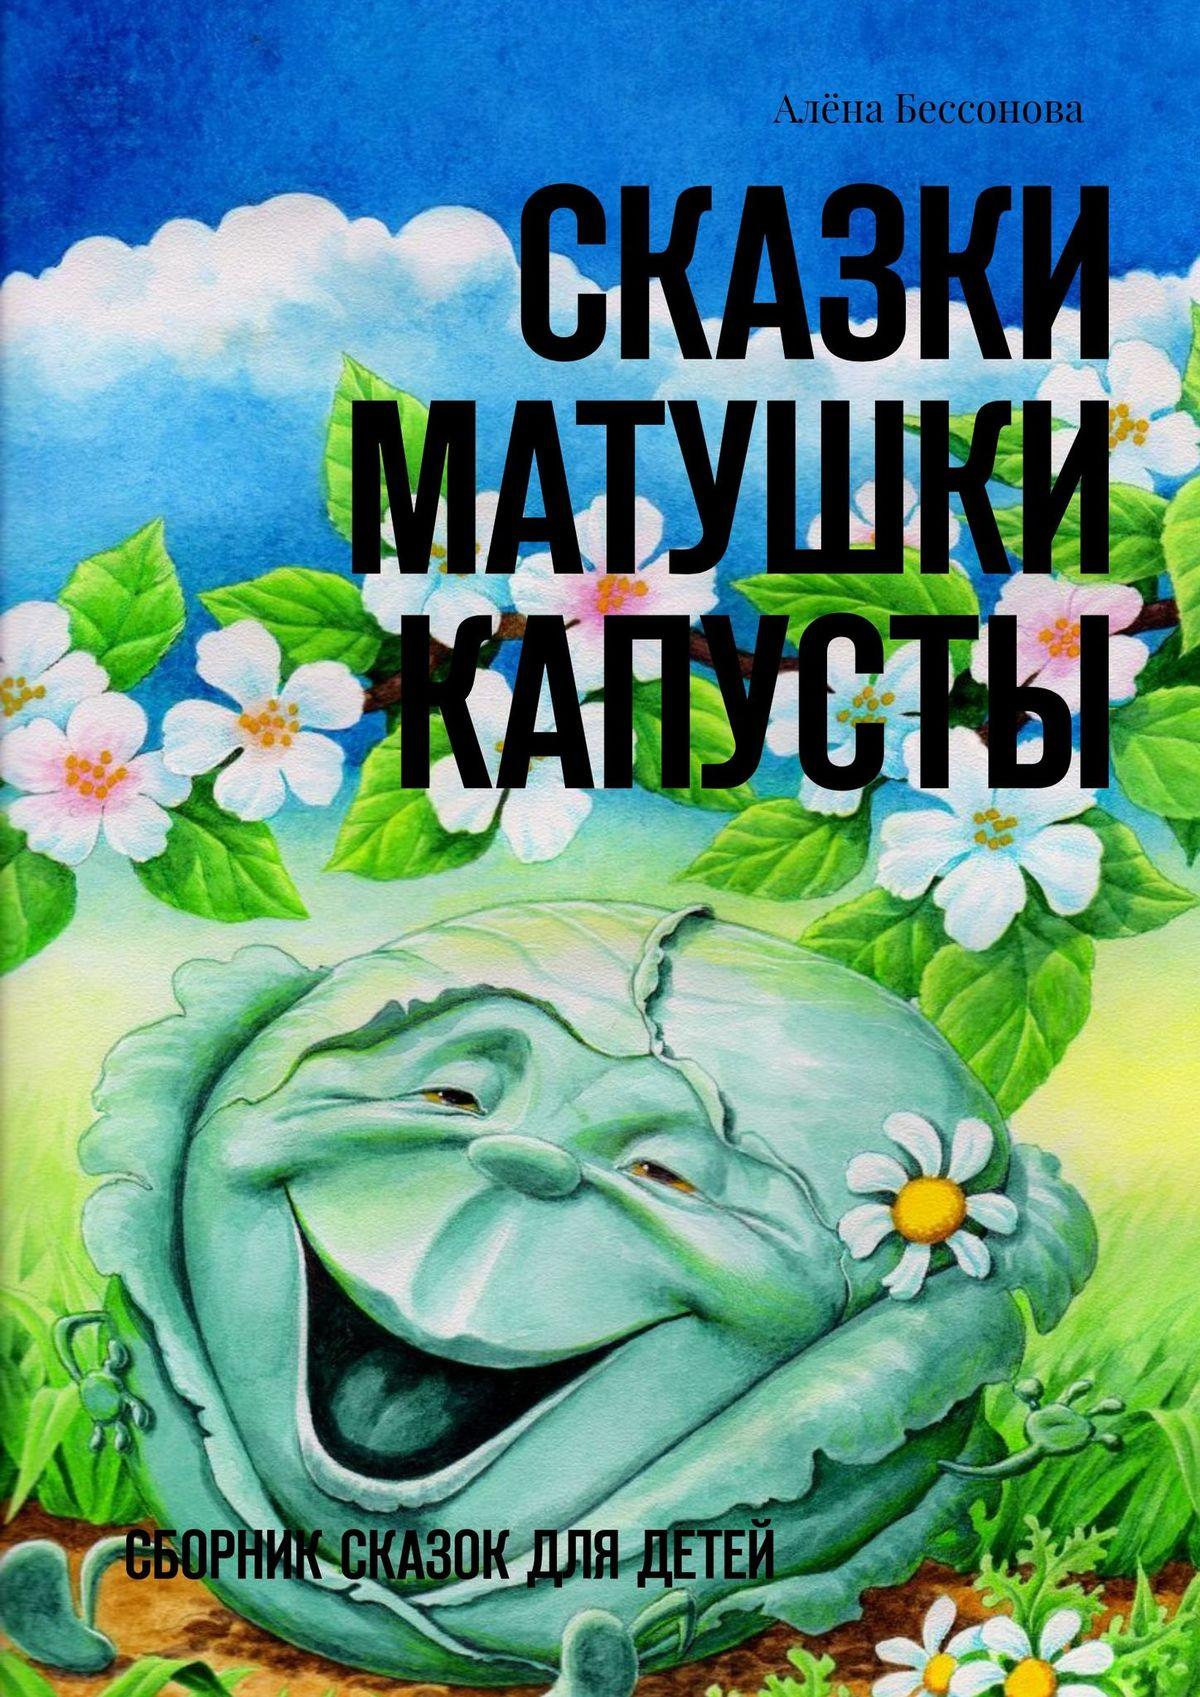 цена на Алёна Бессонова Сказки матушки Капусты. Сборник сказок для детей